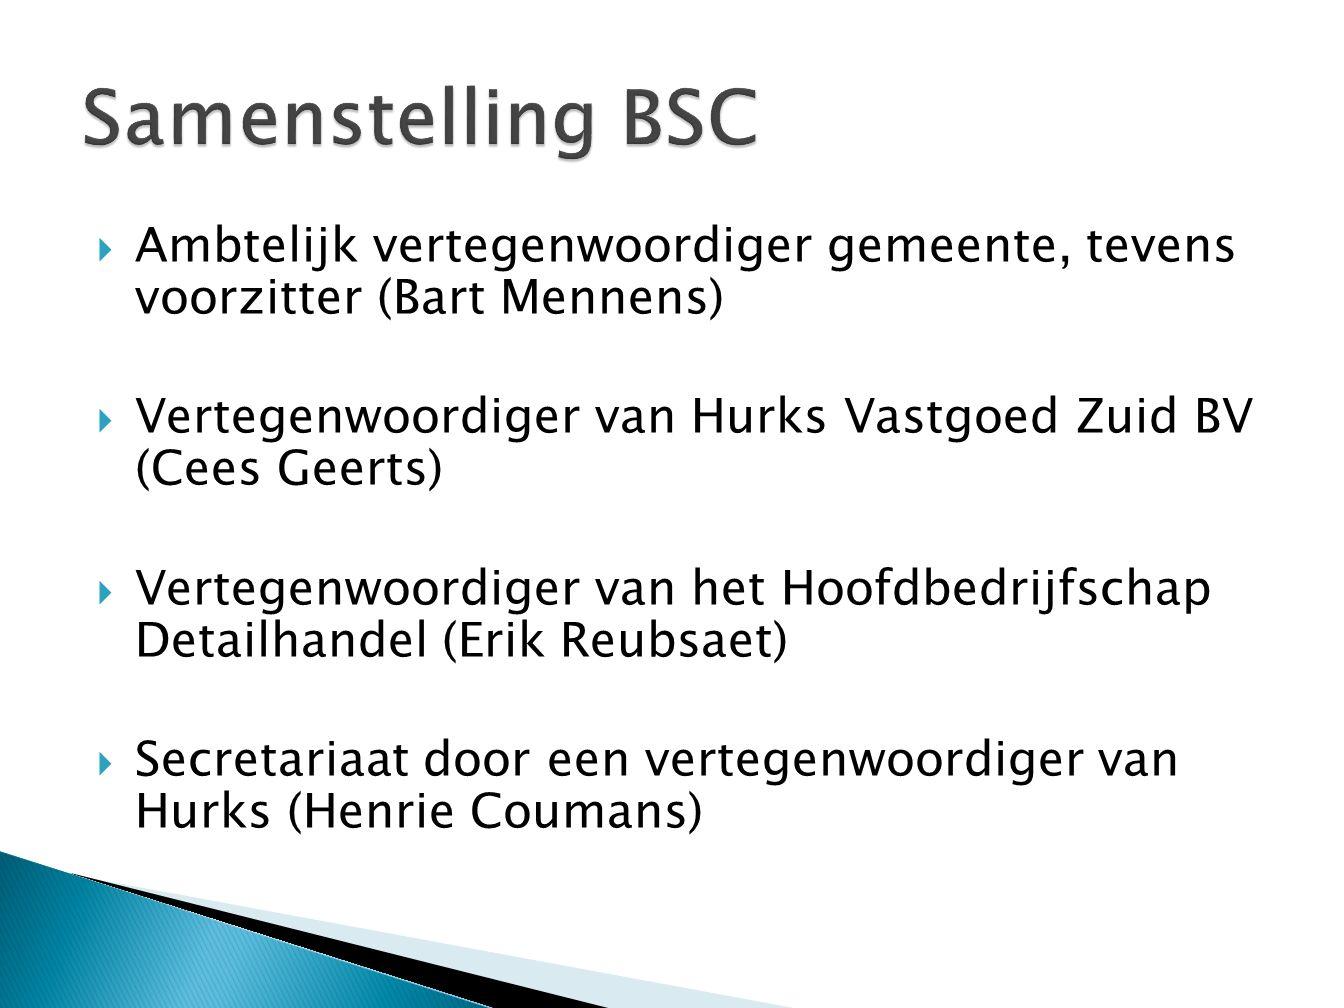  Retail structuur visie 2005  Onderzoek Droogh Trommelen en Partners  Ontwikkelingen in de detailhandel  Eigen marktkennis en inzichten van de leden van de BAC